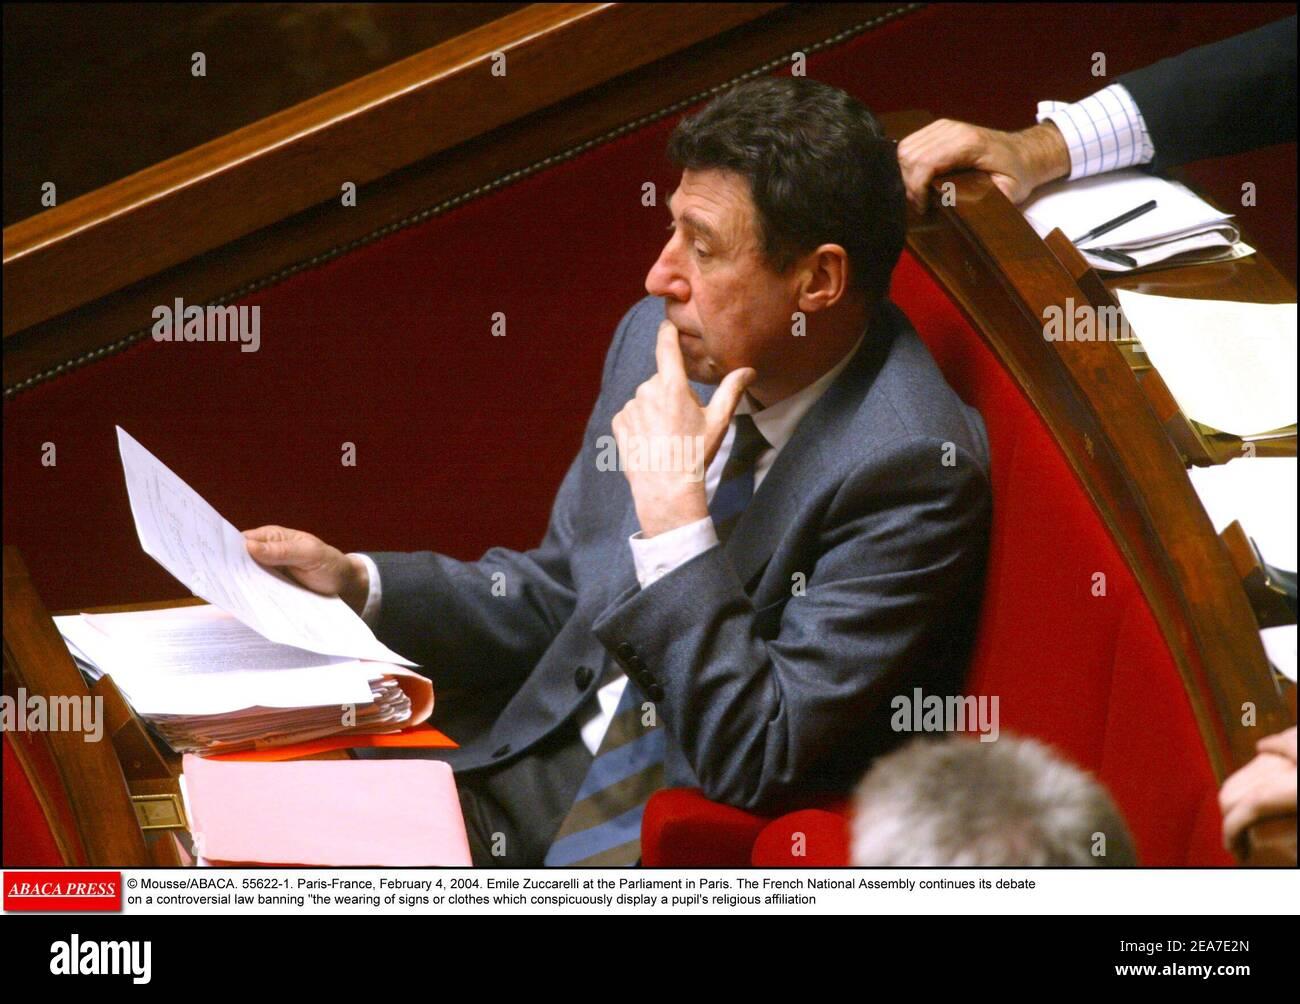 © Mousse/ABACA. 55622-1. París-Francia, 4 de febrero de 2004. Emile Zuccarelli en el Parlamento de París. La Asamblea Nacional francesa continúa su debate sobre una controvertida ley que prohíbe el uso de señales o ropas que manifiesten notoriamente la afiliación religiosa de un alumno Foto de stock